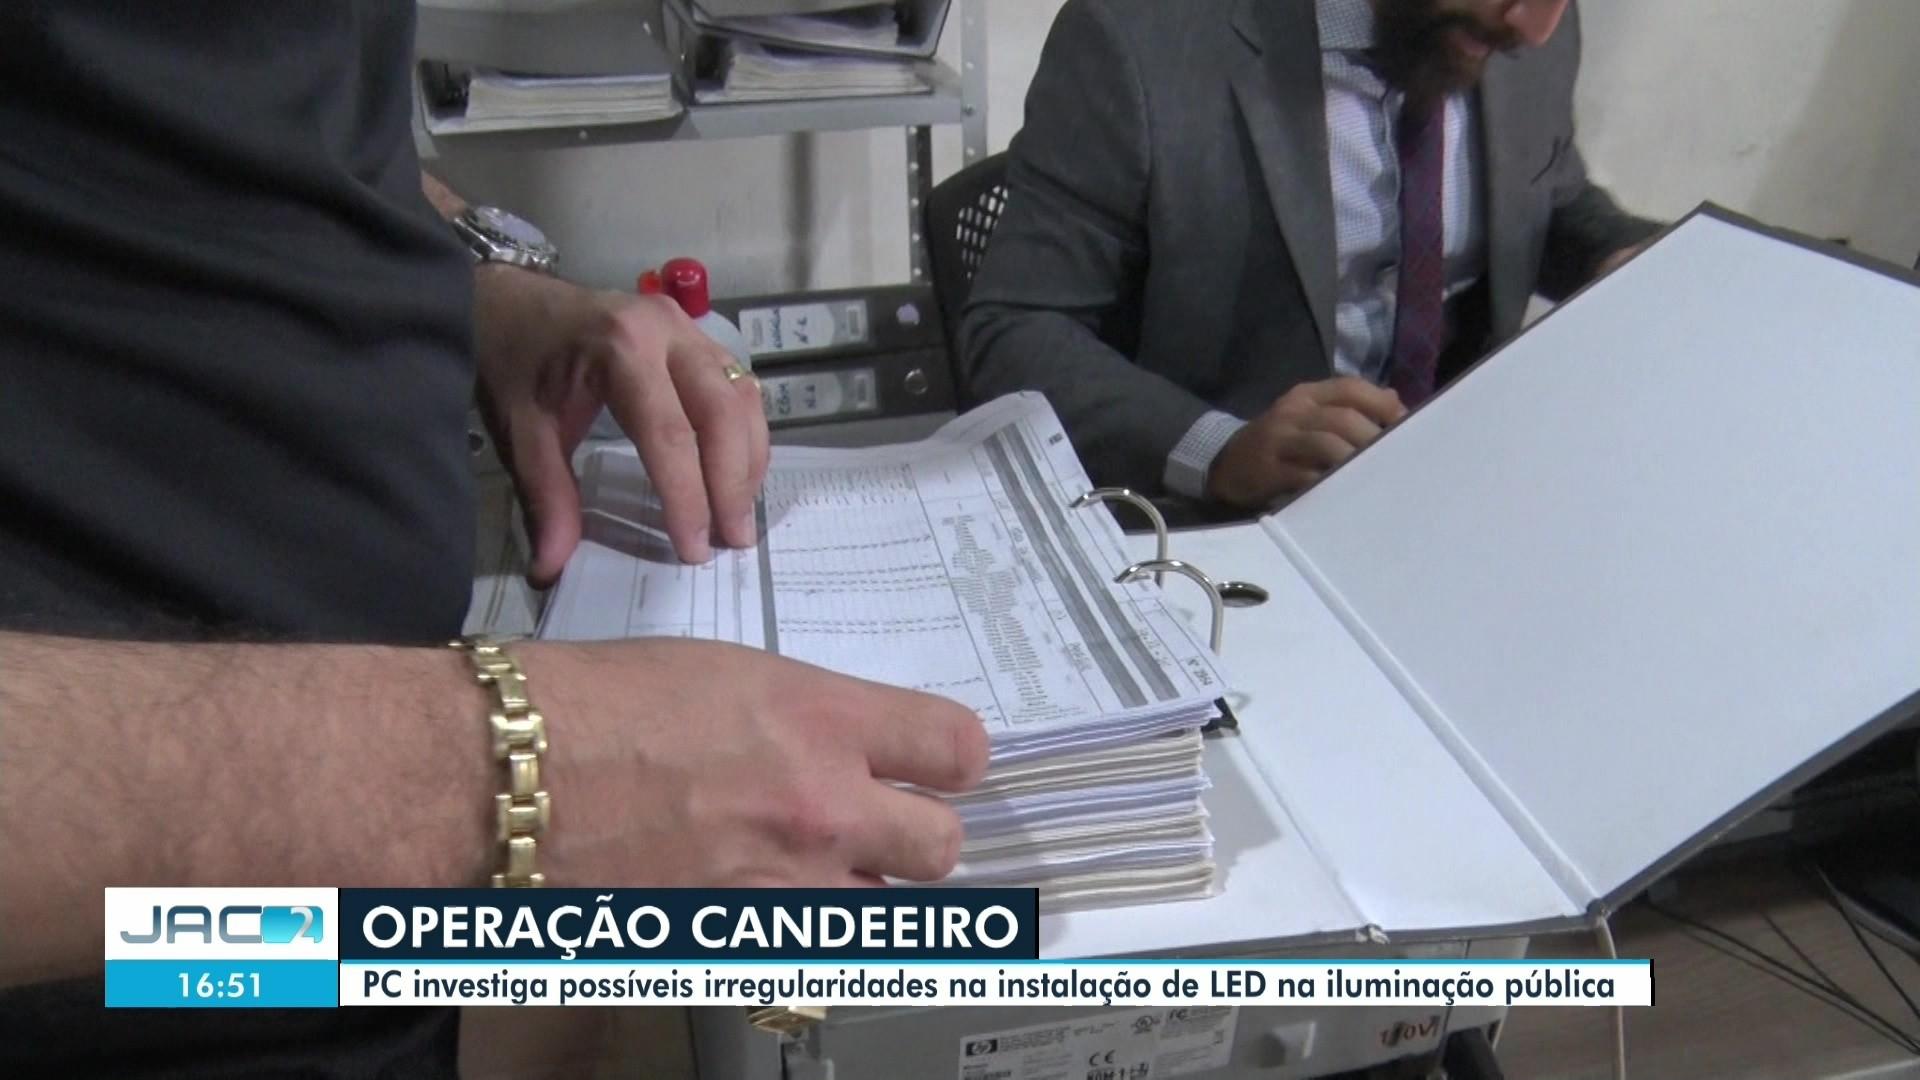 VÍDEOS: Jornal do Acre 2ª edição - AC de quarta-feira, 4 de agosto